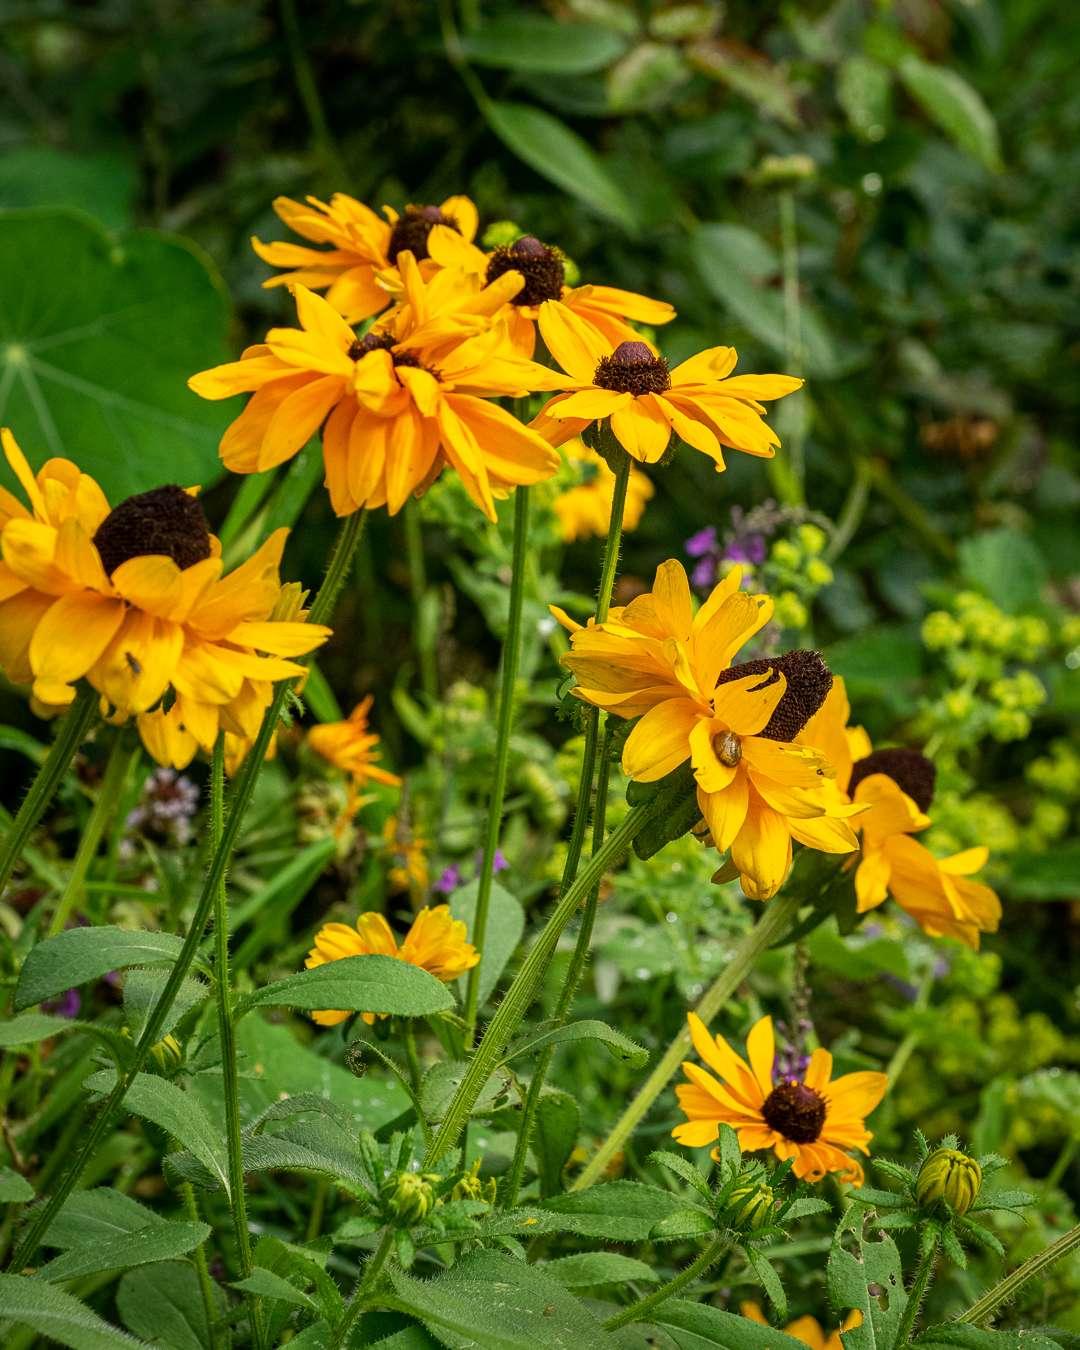 solhat bringer gule farver i haven